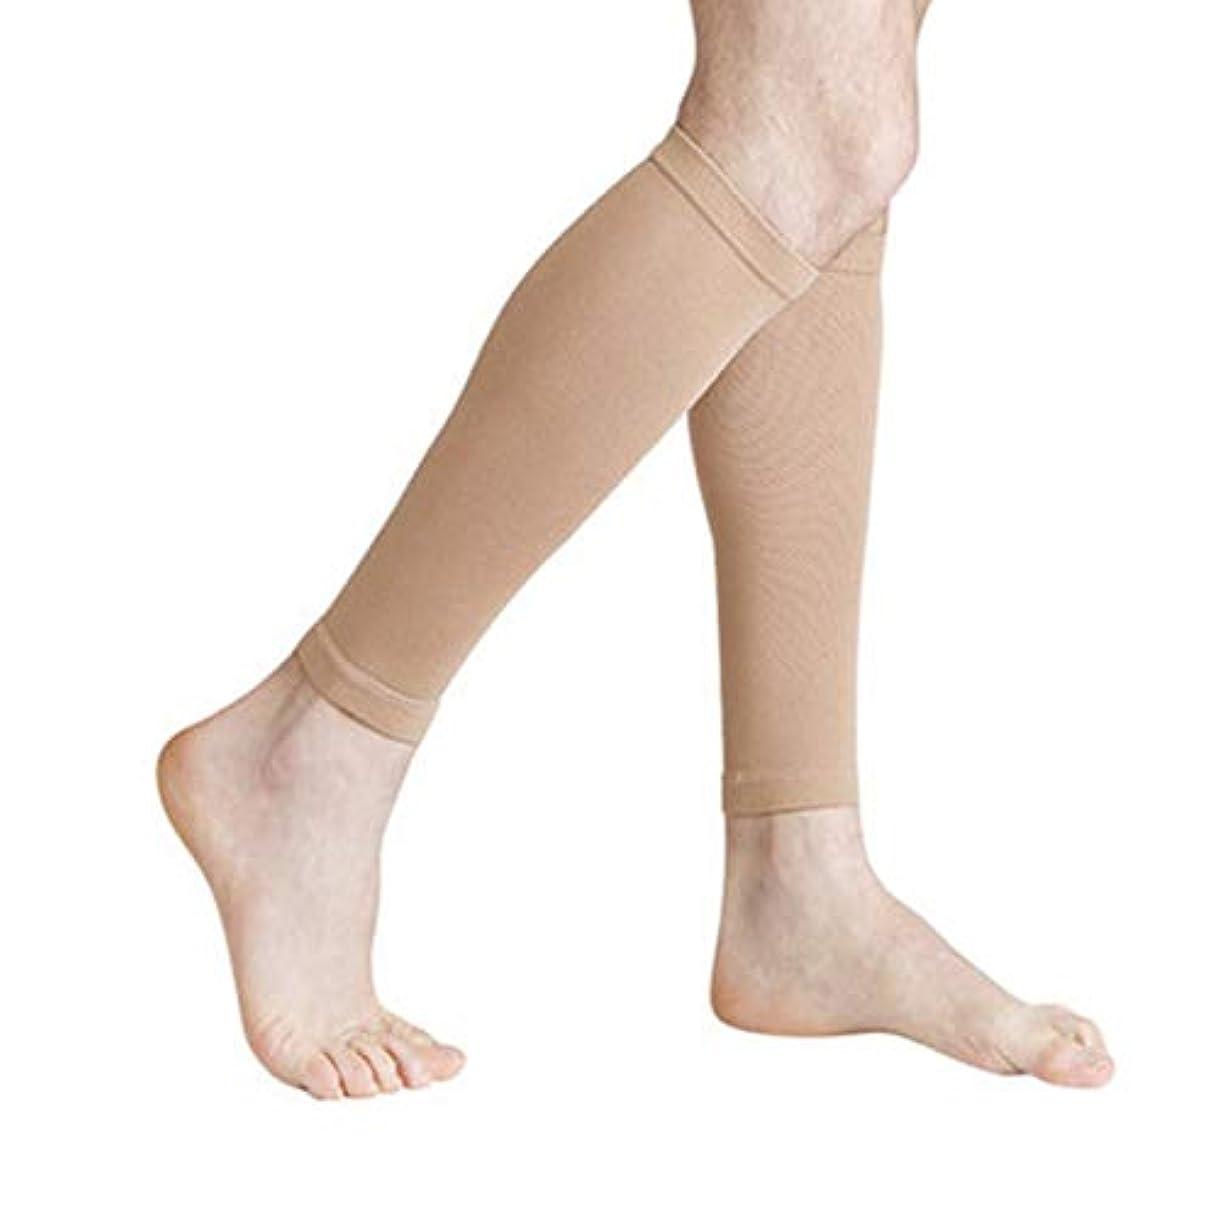 植物学者アブストラクト研究所丈夫な男性女性プロの圧縮靴下通気性のある旅行活動看護師用シンススプリントフライトトラベル - ブラック